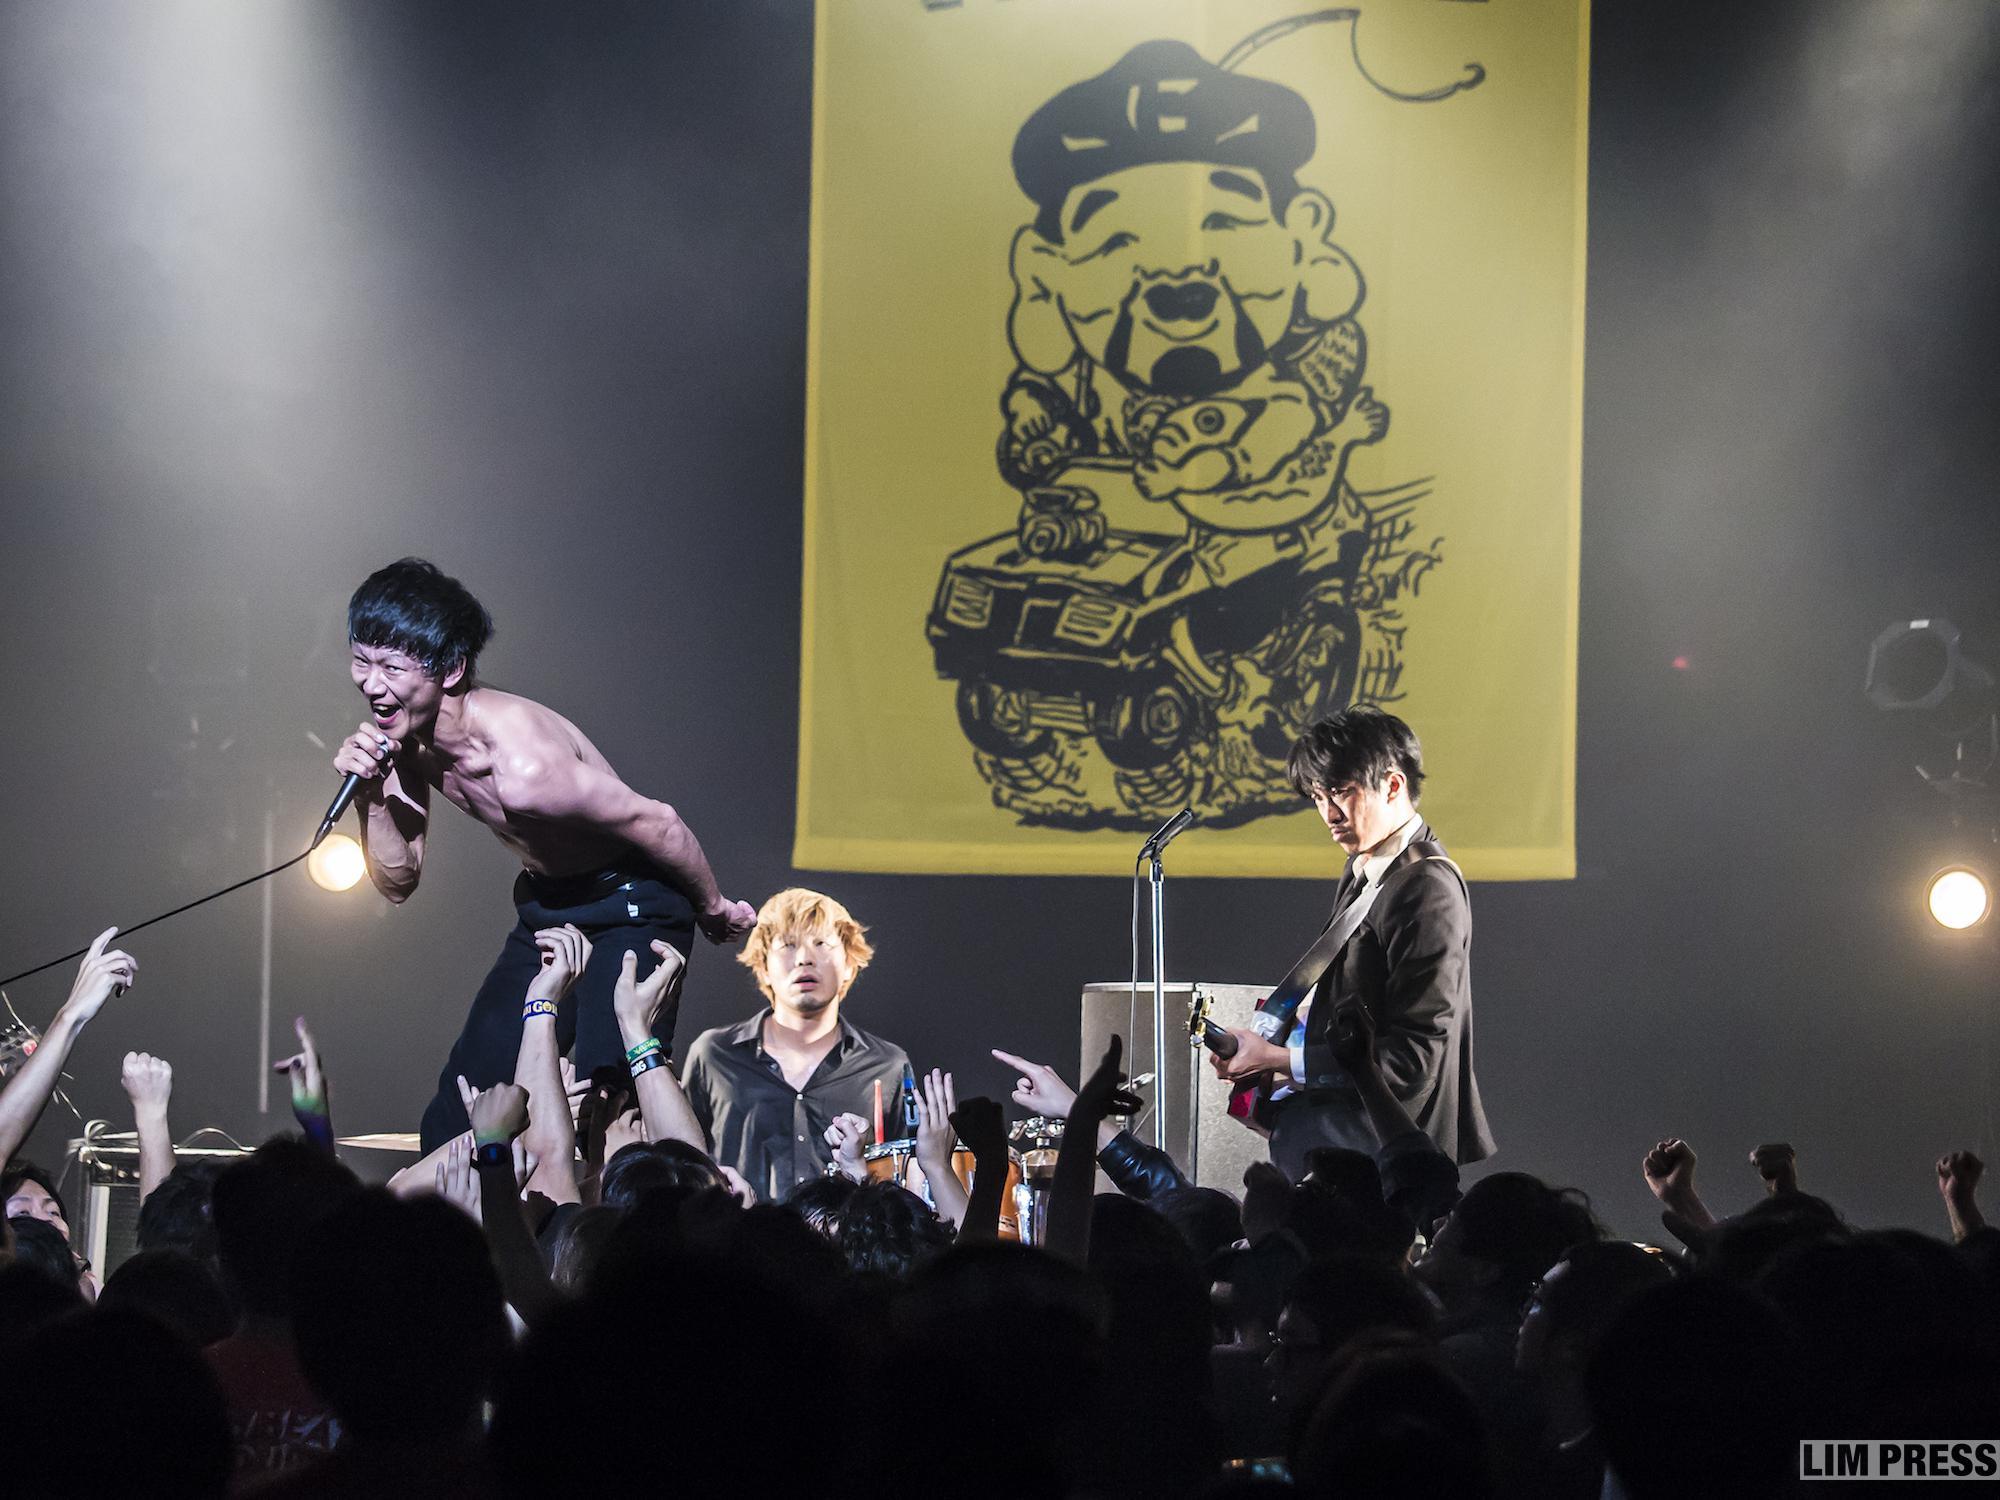 キングブラザーズ20周年ワンマンライブが西宮フレンテホールにて開催決定!